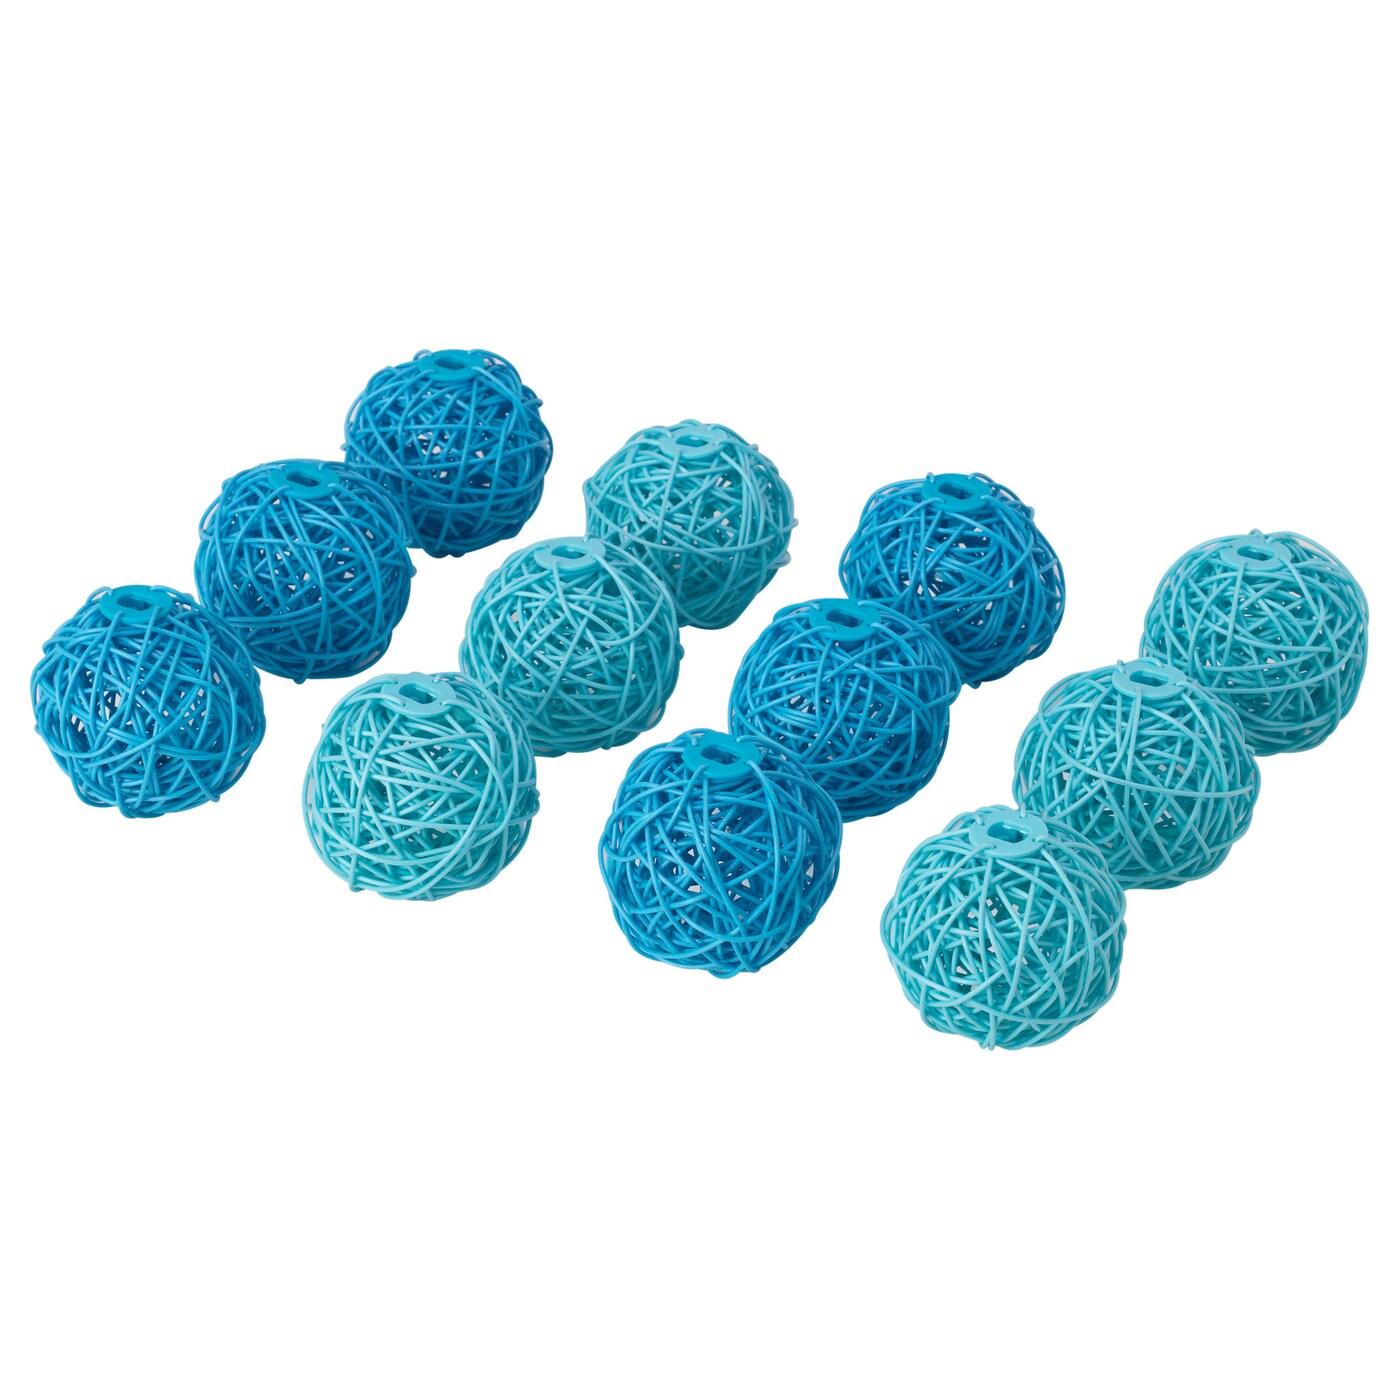 solvinden d co guirlande lumineuse bleu turquoise ikea. Black Bedroom Furniture Sets. Home Design Ideas